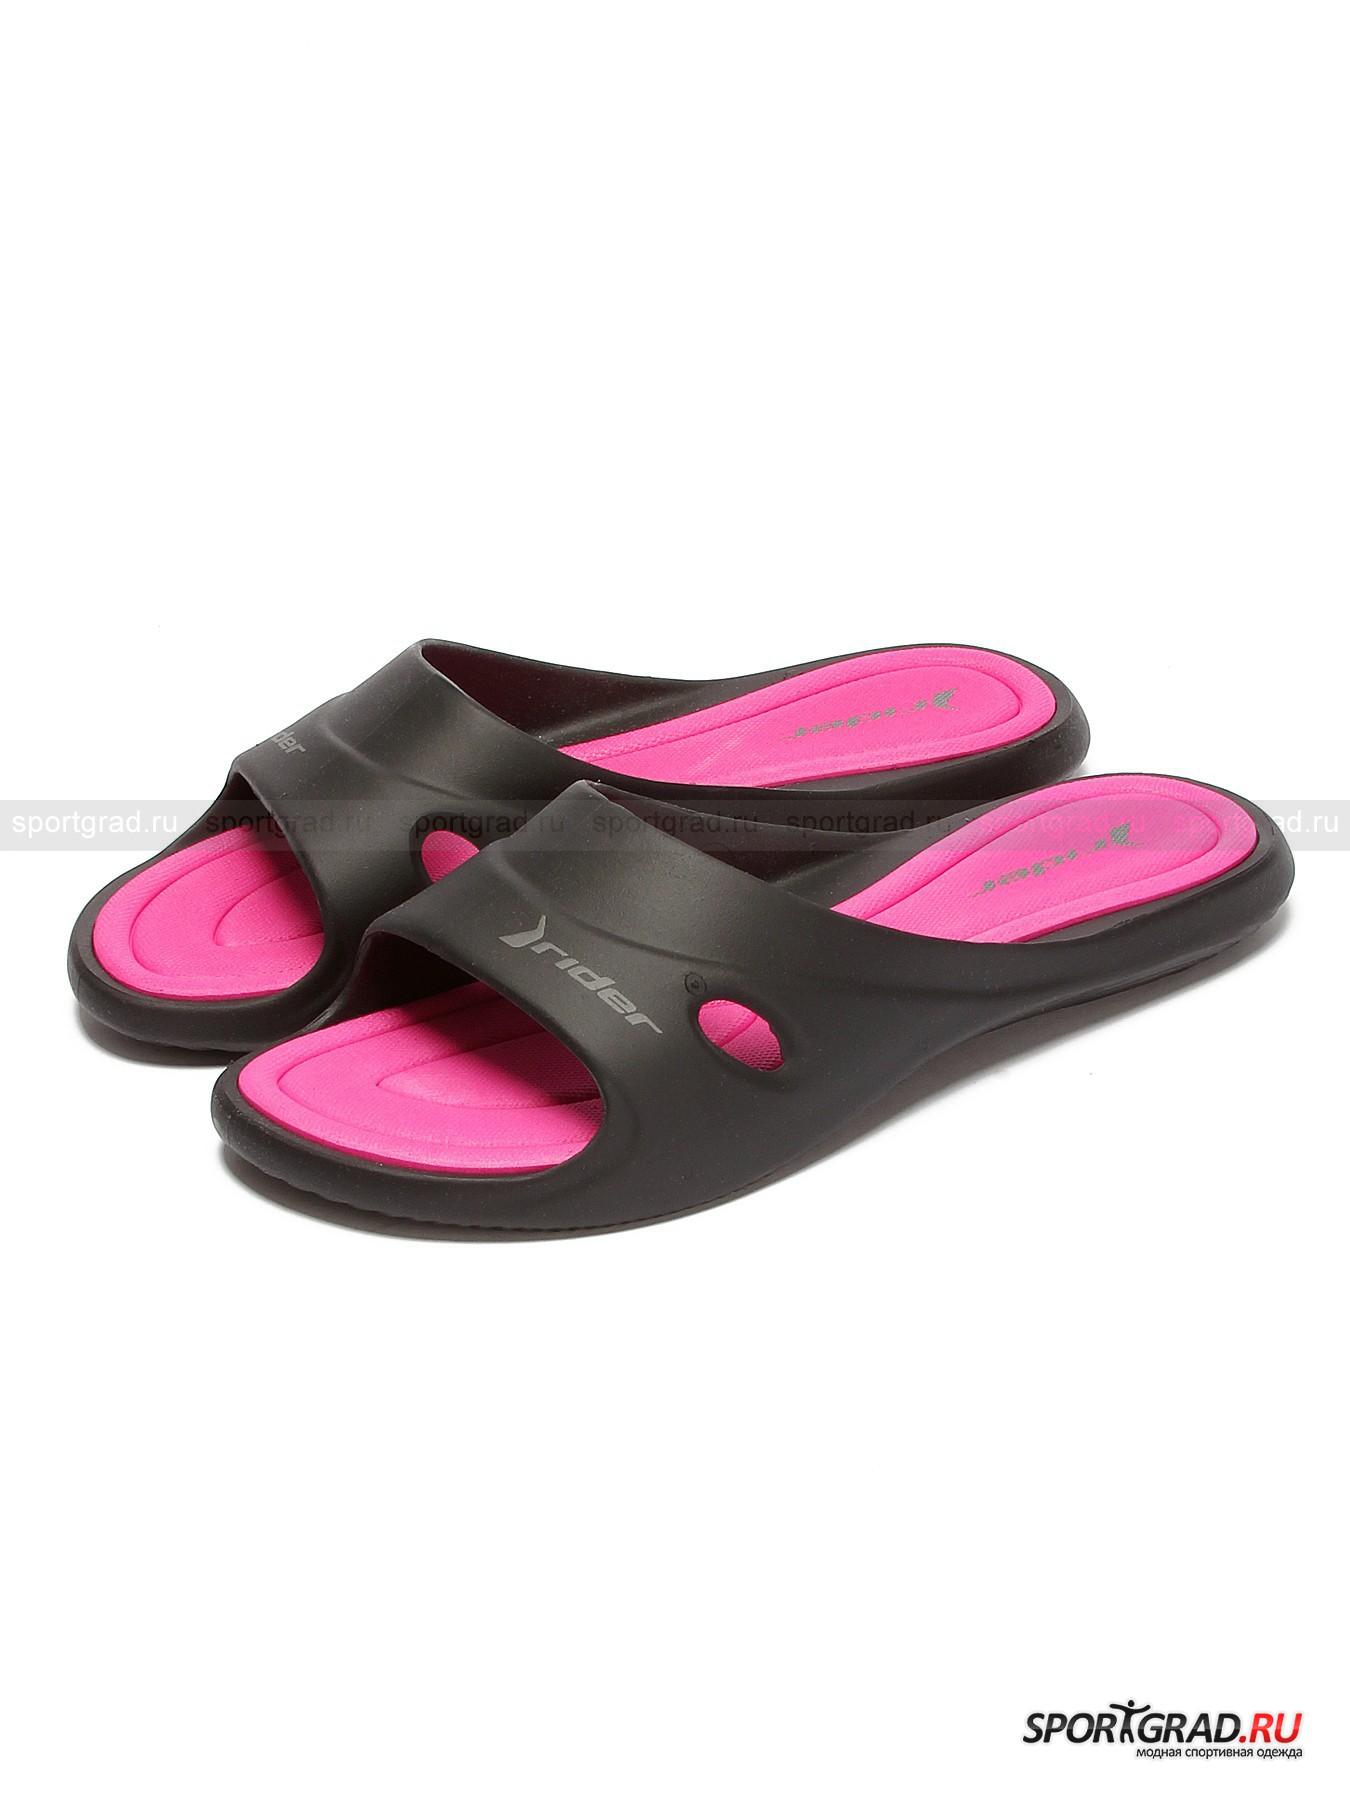 Шлепанцы женские пляжные Slide feet III fem RIDER с эргономичной подошвойСланцы<br>Бесподобно-удобные женские шлепанцы Slide feet III fem RIDER – пляжная обувь, в которой и нога проскальзывать не будет благодаря рельефному рисунку «стельки», подушечки которой формируют амортизационную платформу, и потеть не станет – верхняя часть модели имеет по бокам вентиляционные овальные вырезы. Эргономичную подметку отличает гибкая фактура и надежно сцепляющий с поверхностью протектор.<br><br>Максимальная высота подошвы 2 см (размер 37).<br><br>Пол: Женский<br>Возраст: Взрослый<br>Тип: Сланцы<br>Рекомендации по уходу: Изделию противопоказано подвешивание на бельевую веревку и сушка под прямыми солнечными  лучами.<br>Состав: синтетические материалы